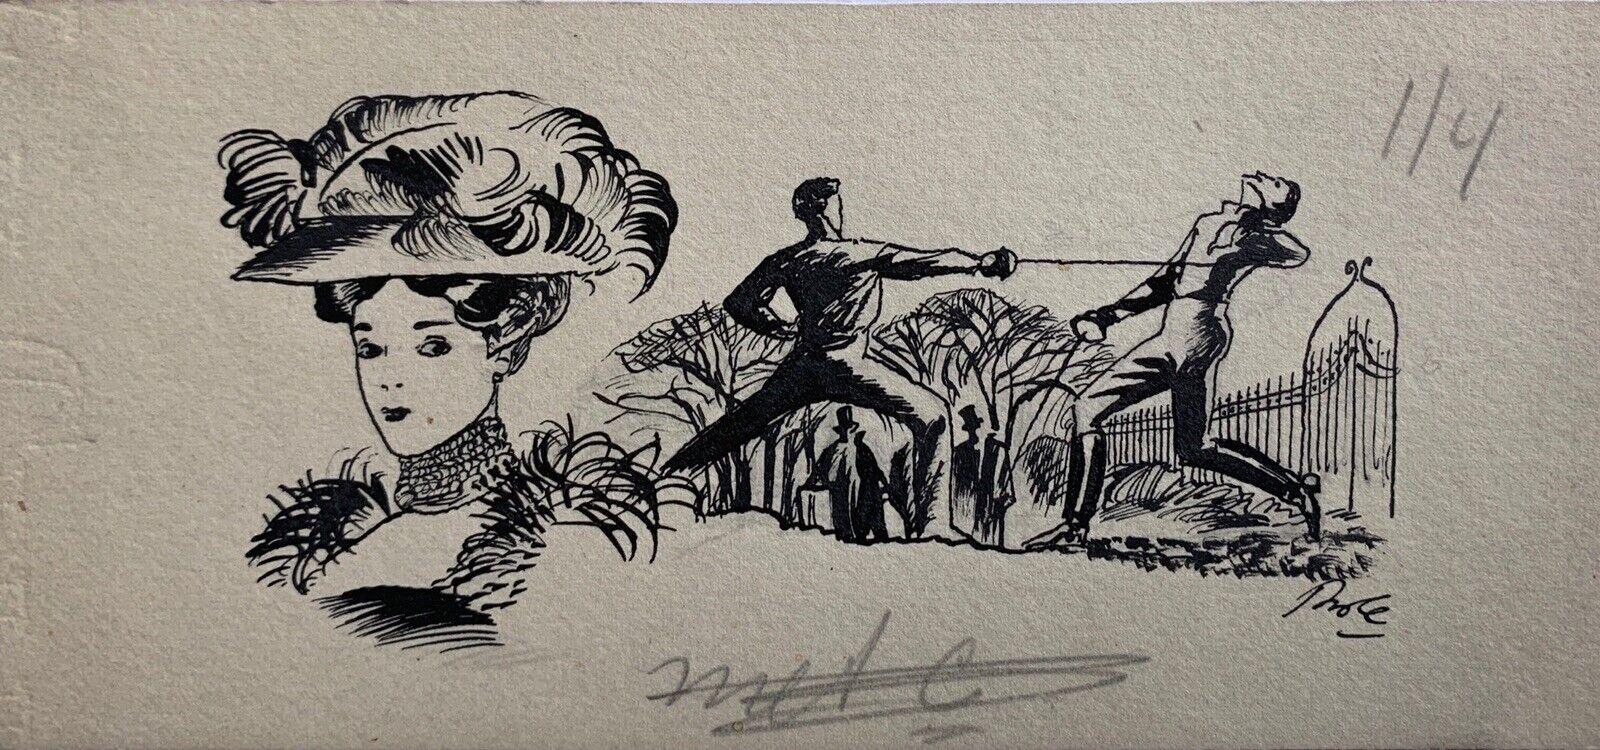 """Photo 1 - Karel Thole - illustrazione originale anni '60 """"Il Duello"""" - Firmata"""